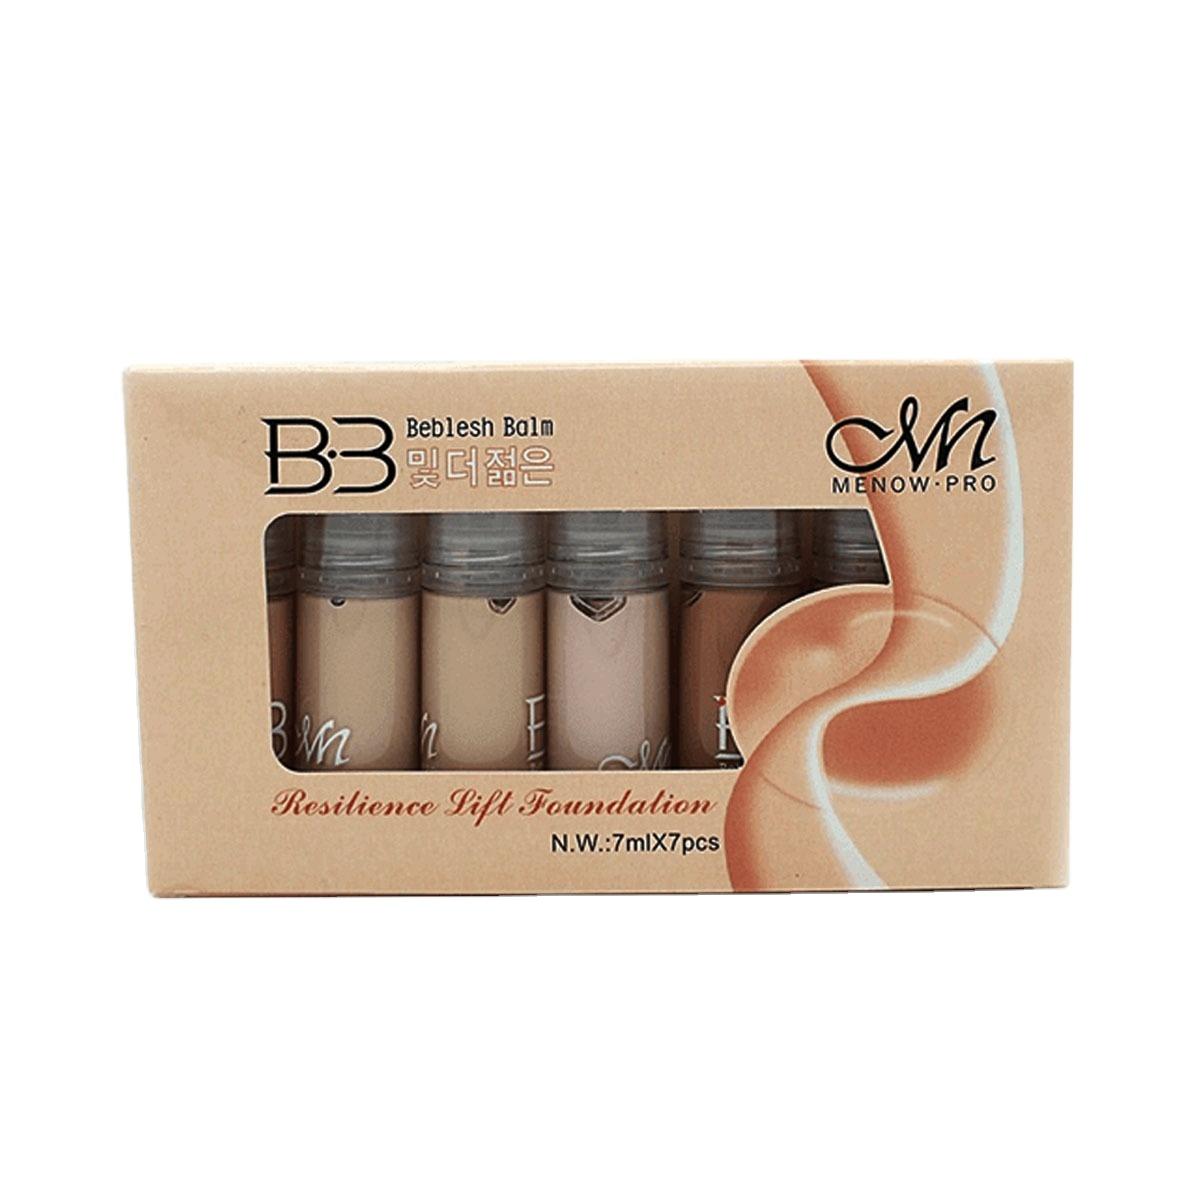 Personalização de papelão preto amostra grátis caso cosméticos creme hidratante lavar o rosto limpeza de pele cuidados com o corpo de caixa de embalagem de papel